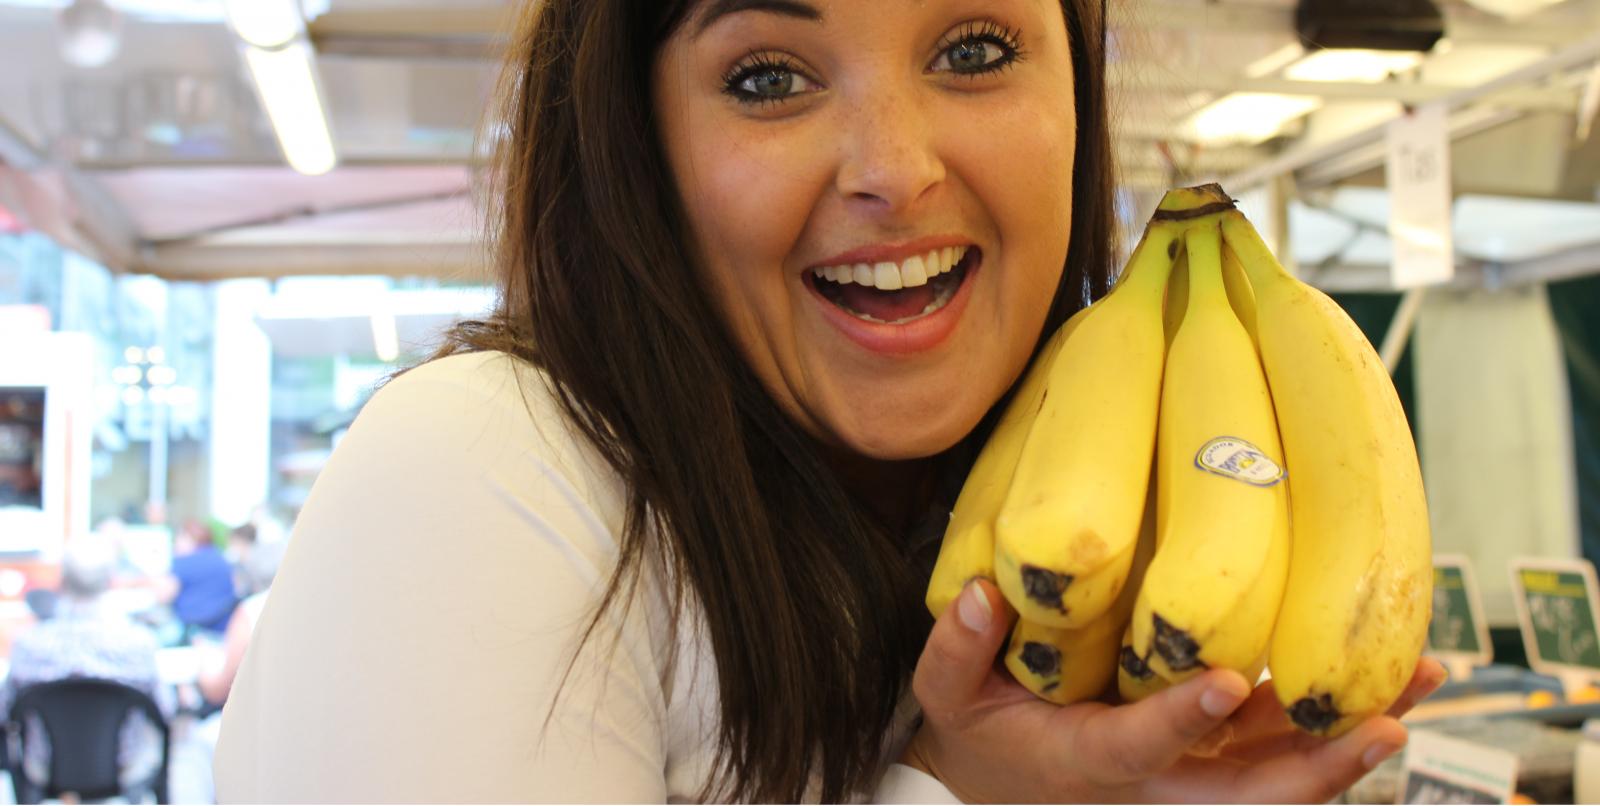 Hebben bananen een stoppend effect?